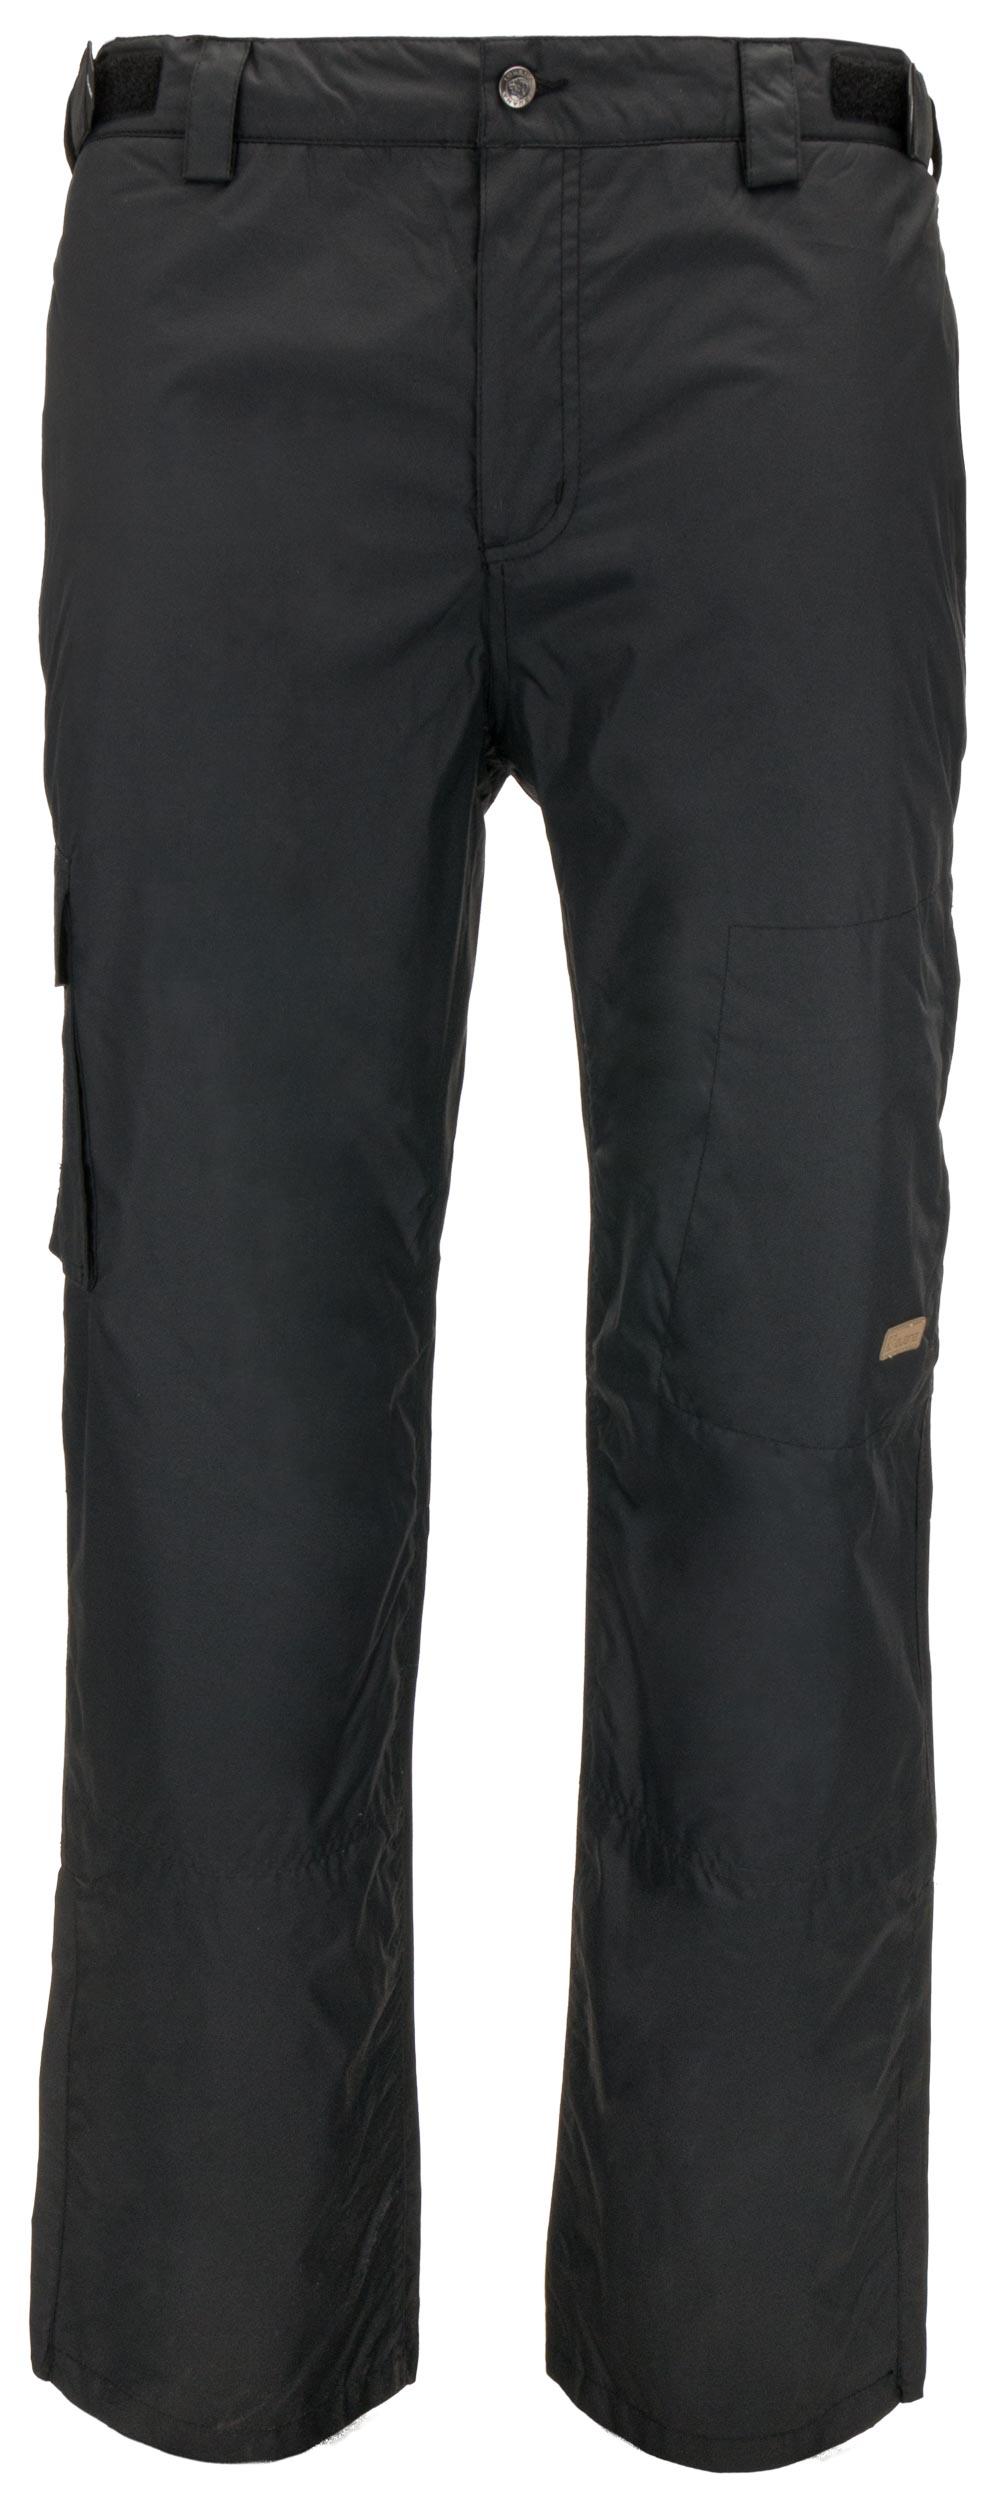 Pánské zimní kalhoty Iguana Ski L